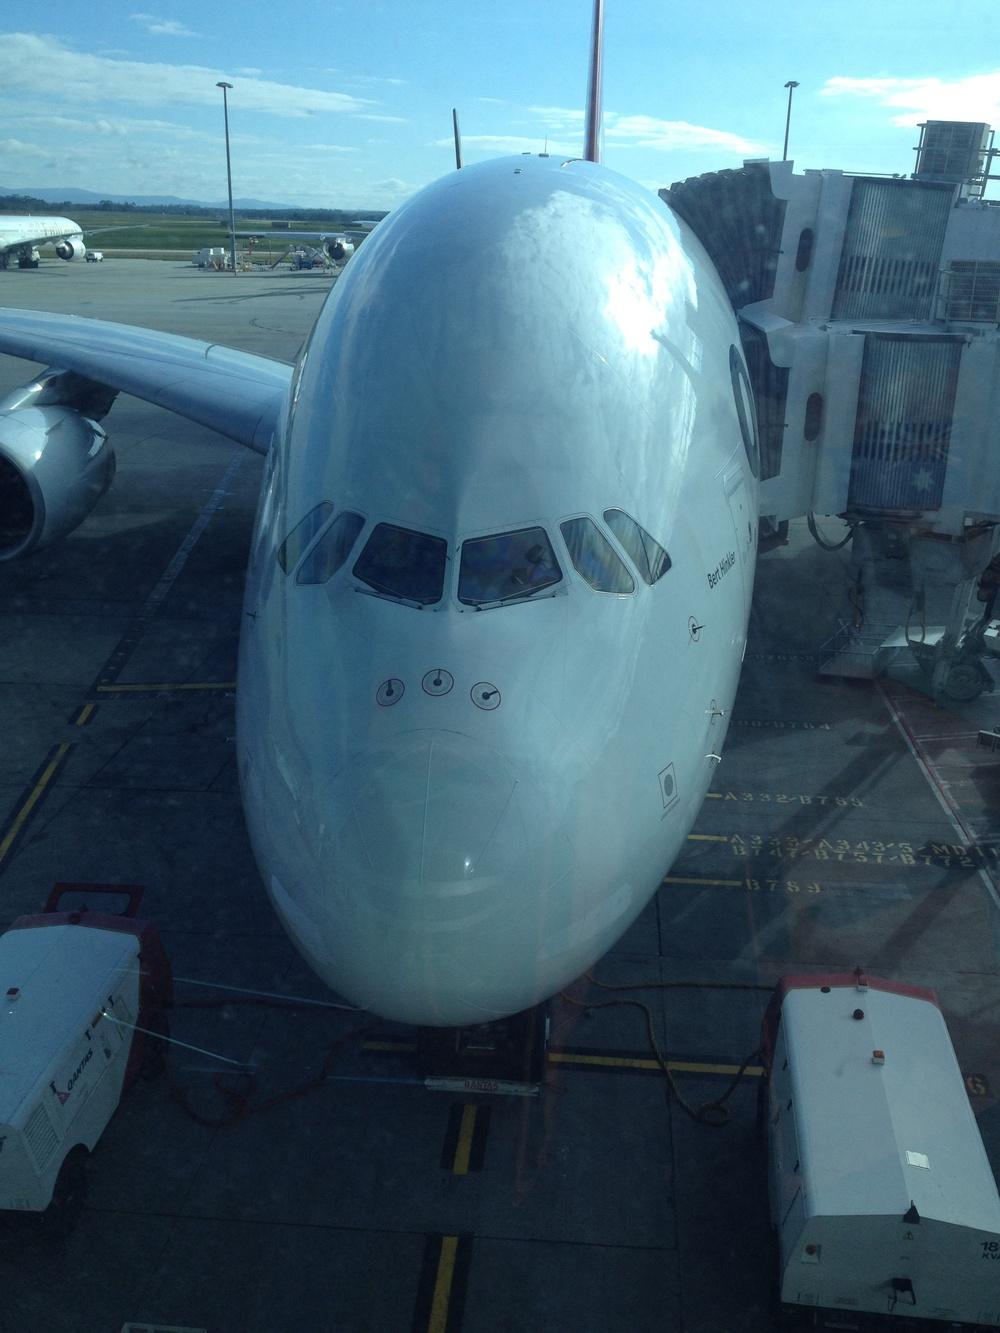 The broken plane.